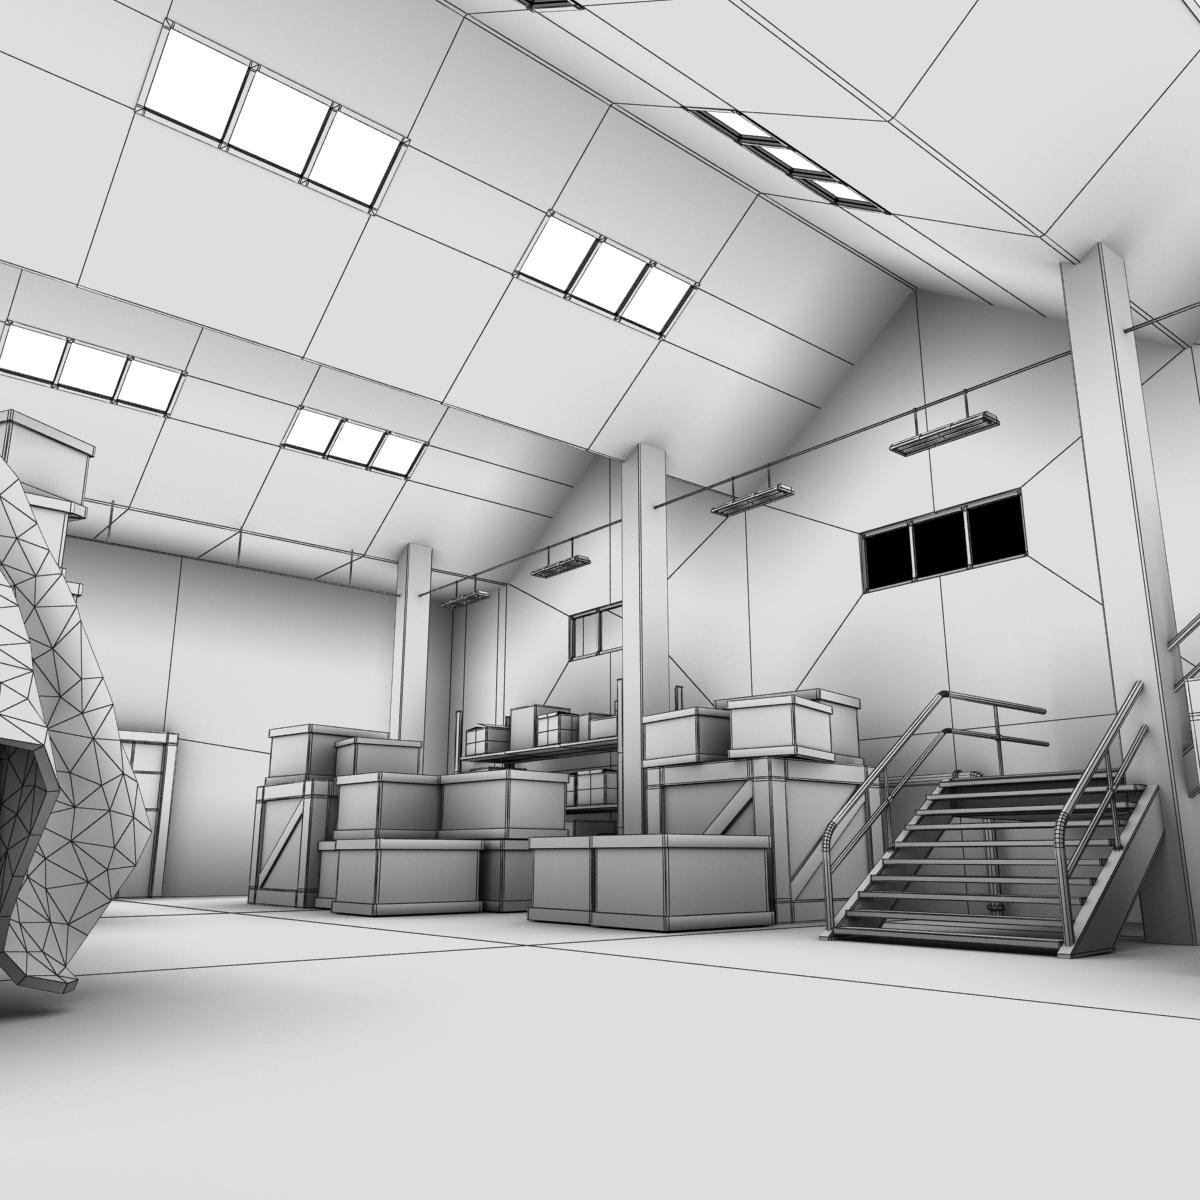 Free Interior Design Game Apps